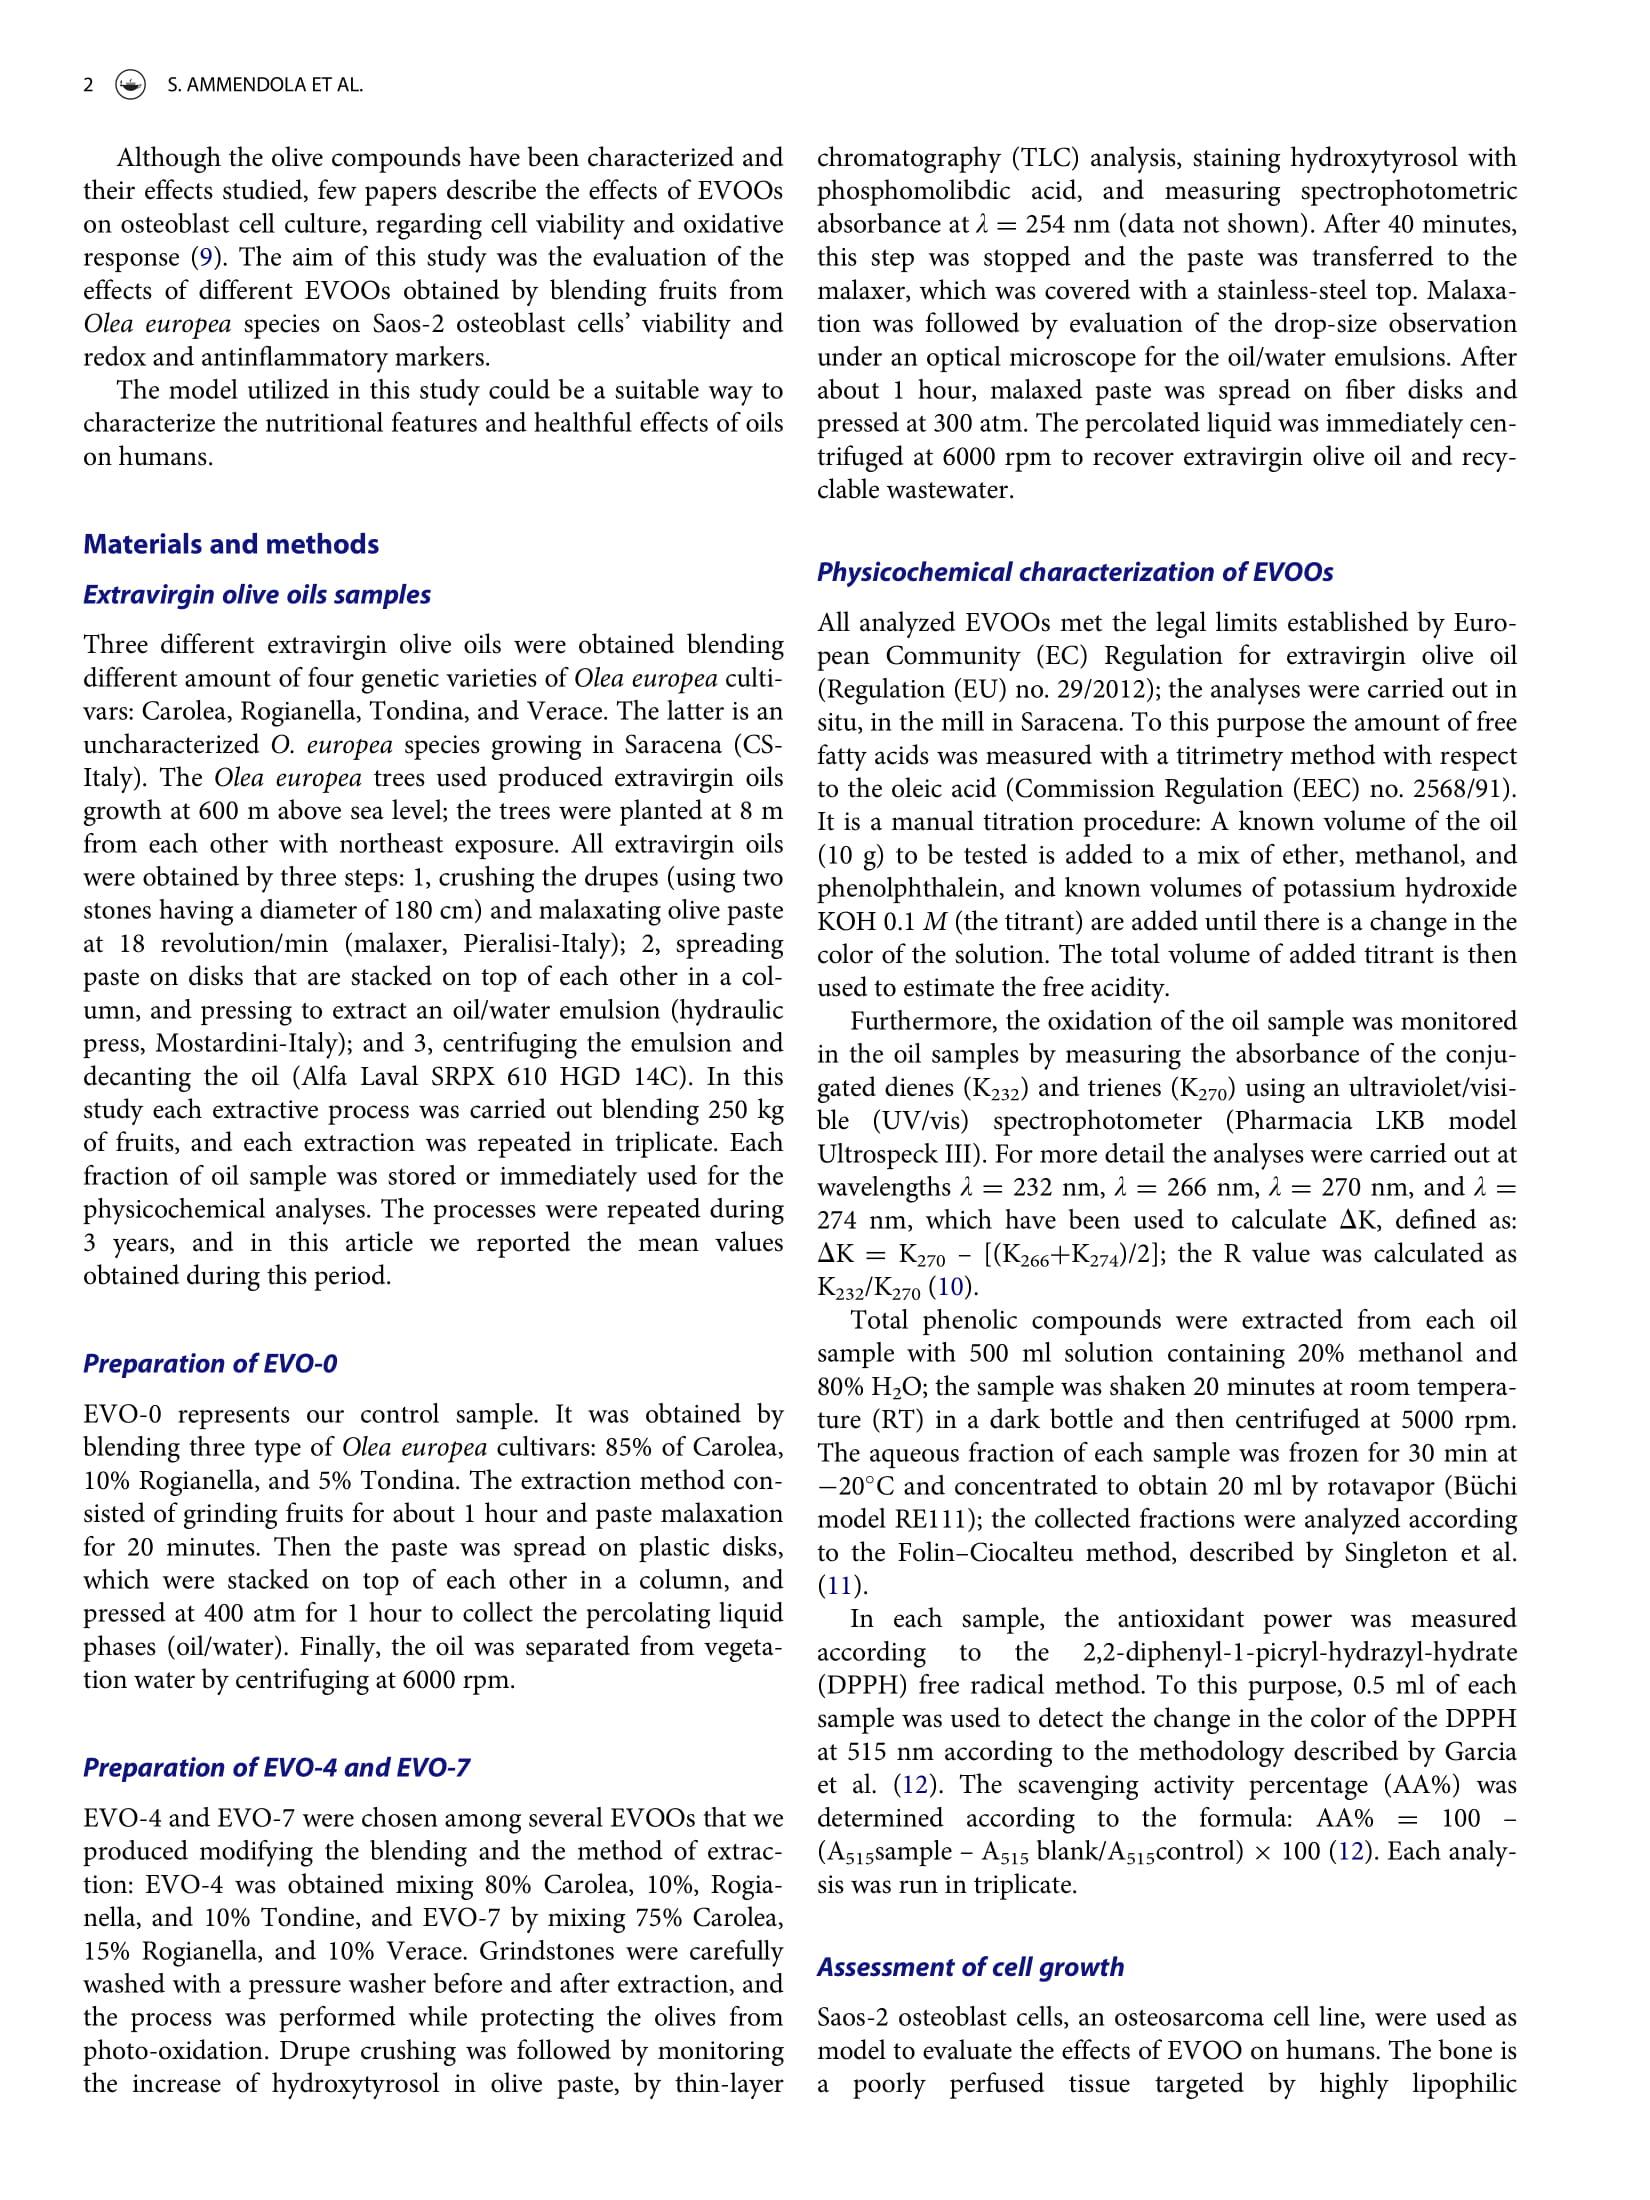 Vendita Olio Extra Vergine d'oliva Bio Vendita OnLine, Olio Lupo sul Journal of the American College of Nutrition